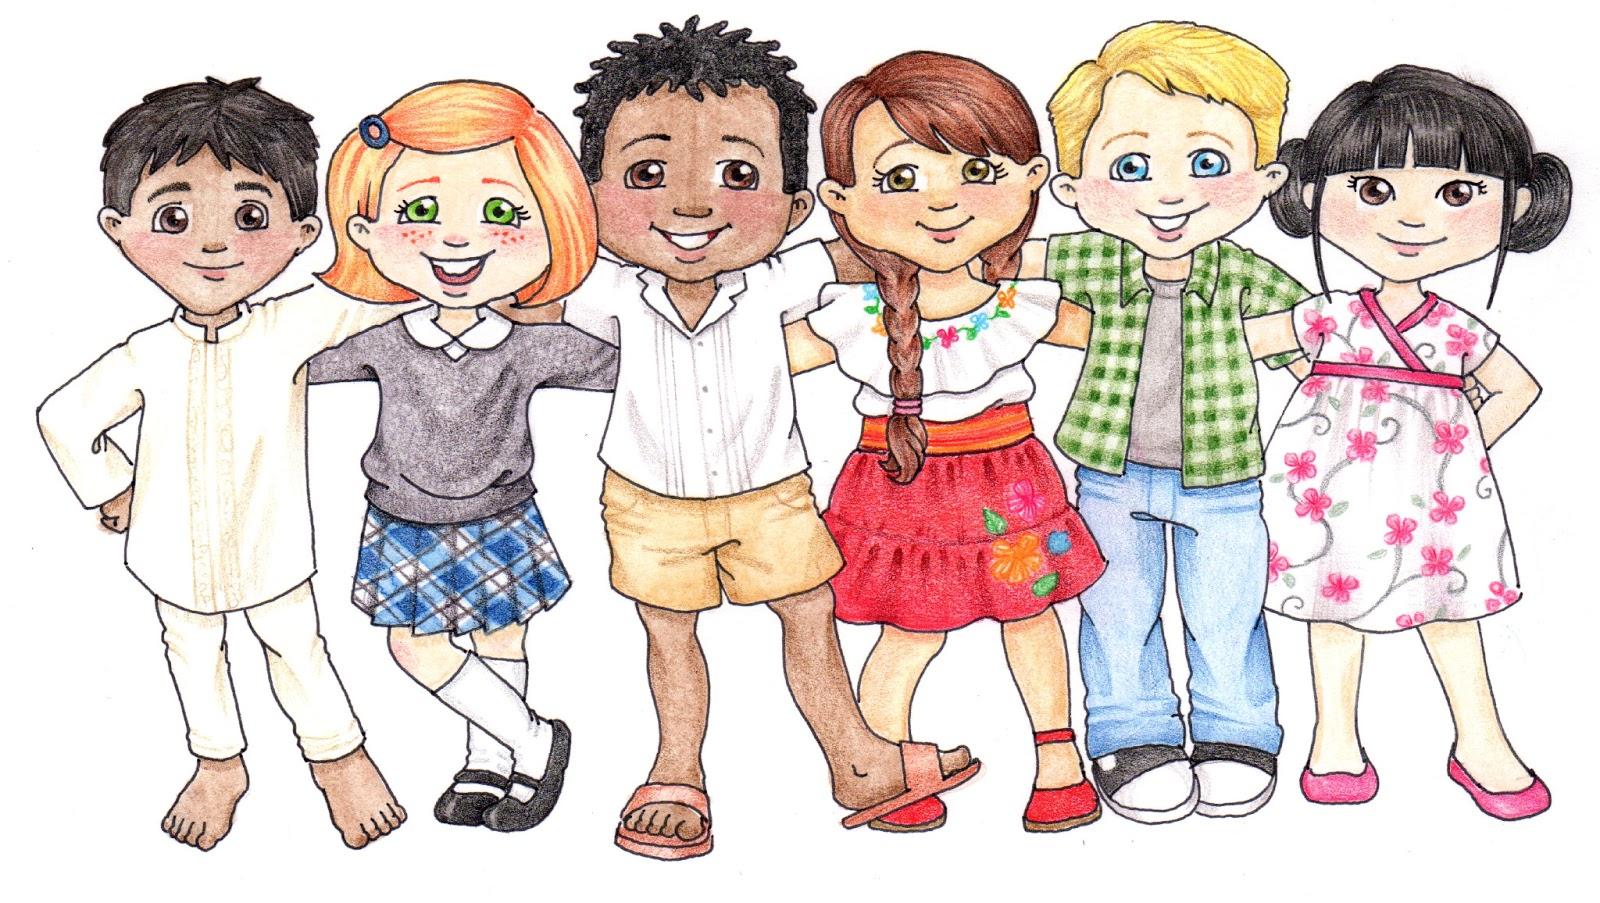 Children Of God Clipart.